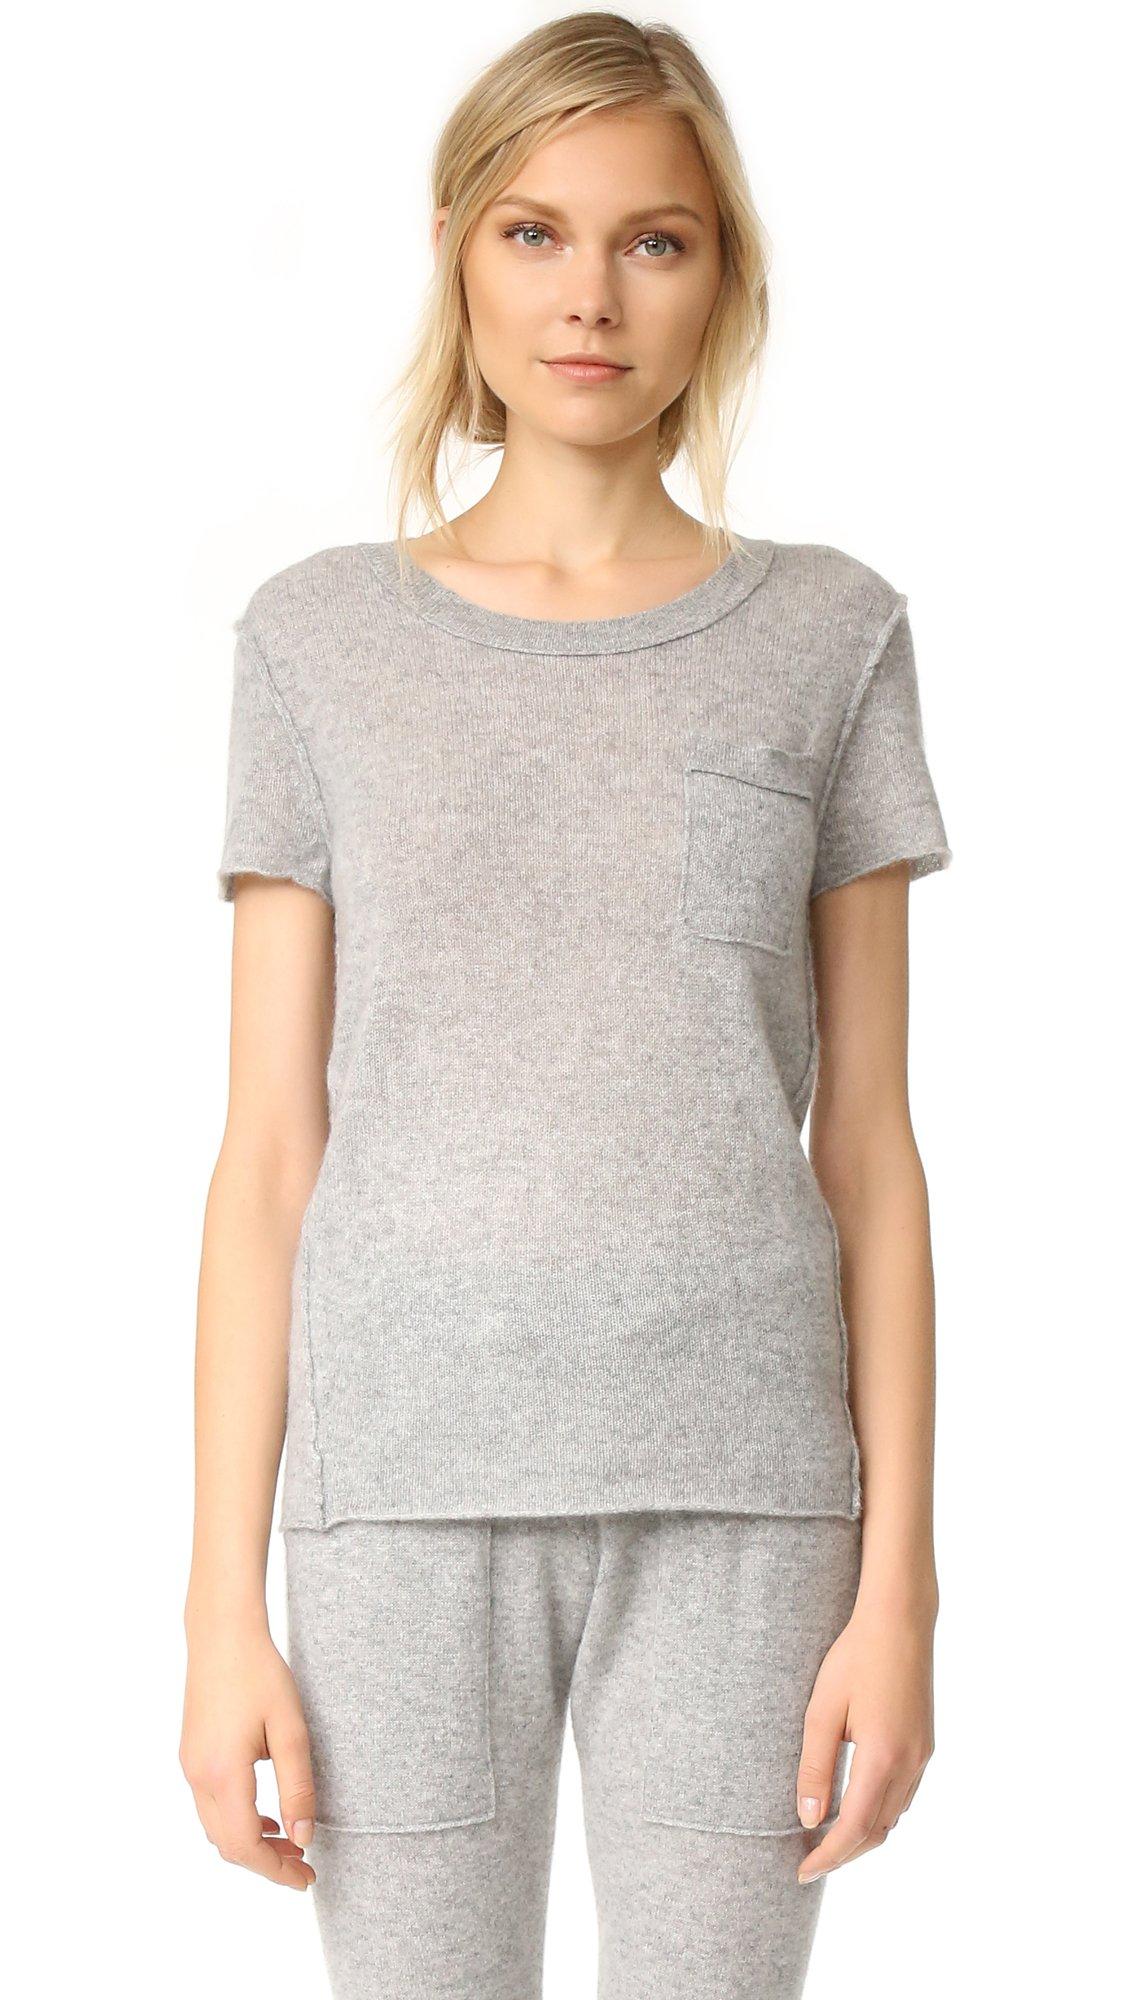 White + Warren Women's Cashmere Essential Pocket Tee, Grey Heather, Medium